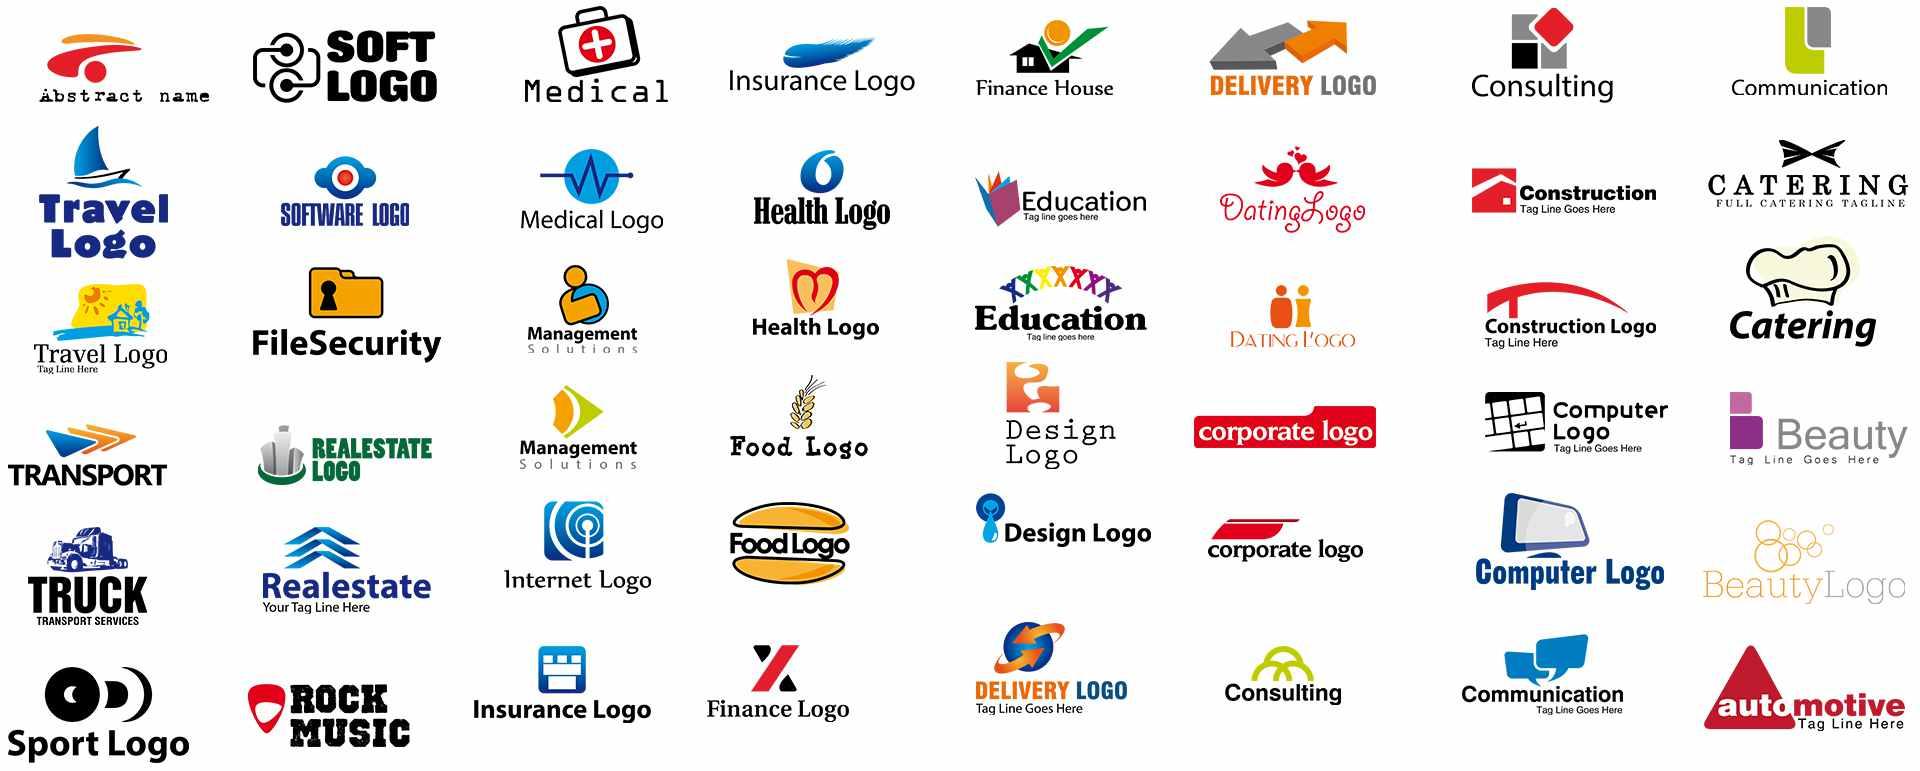 18 free logo psd download images logos psd free download for Logo download free online